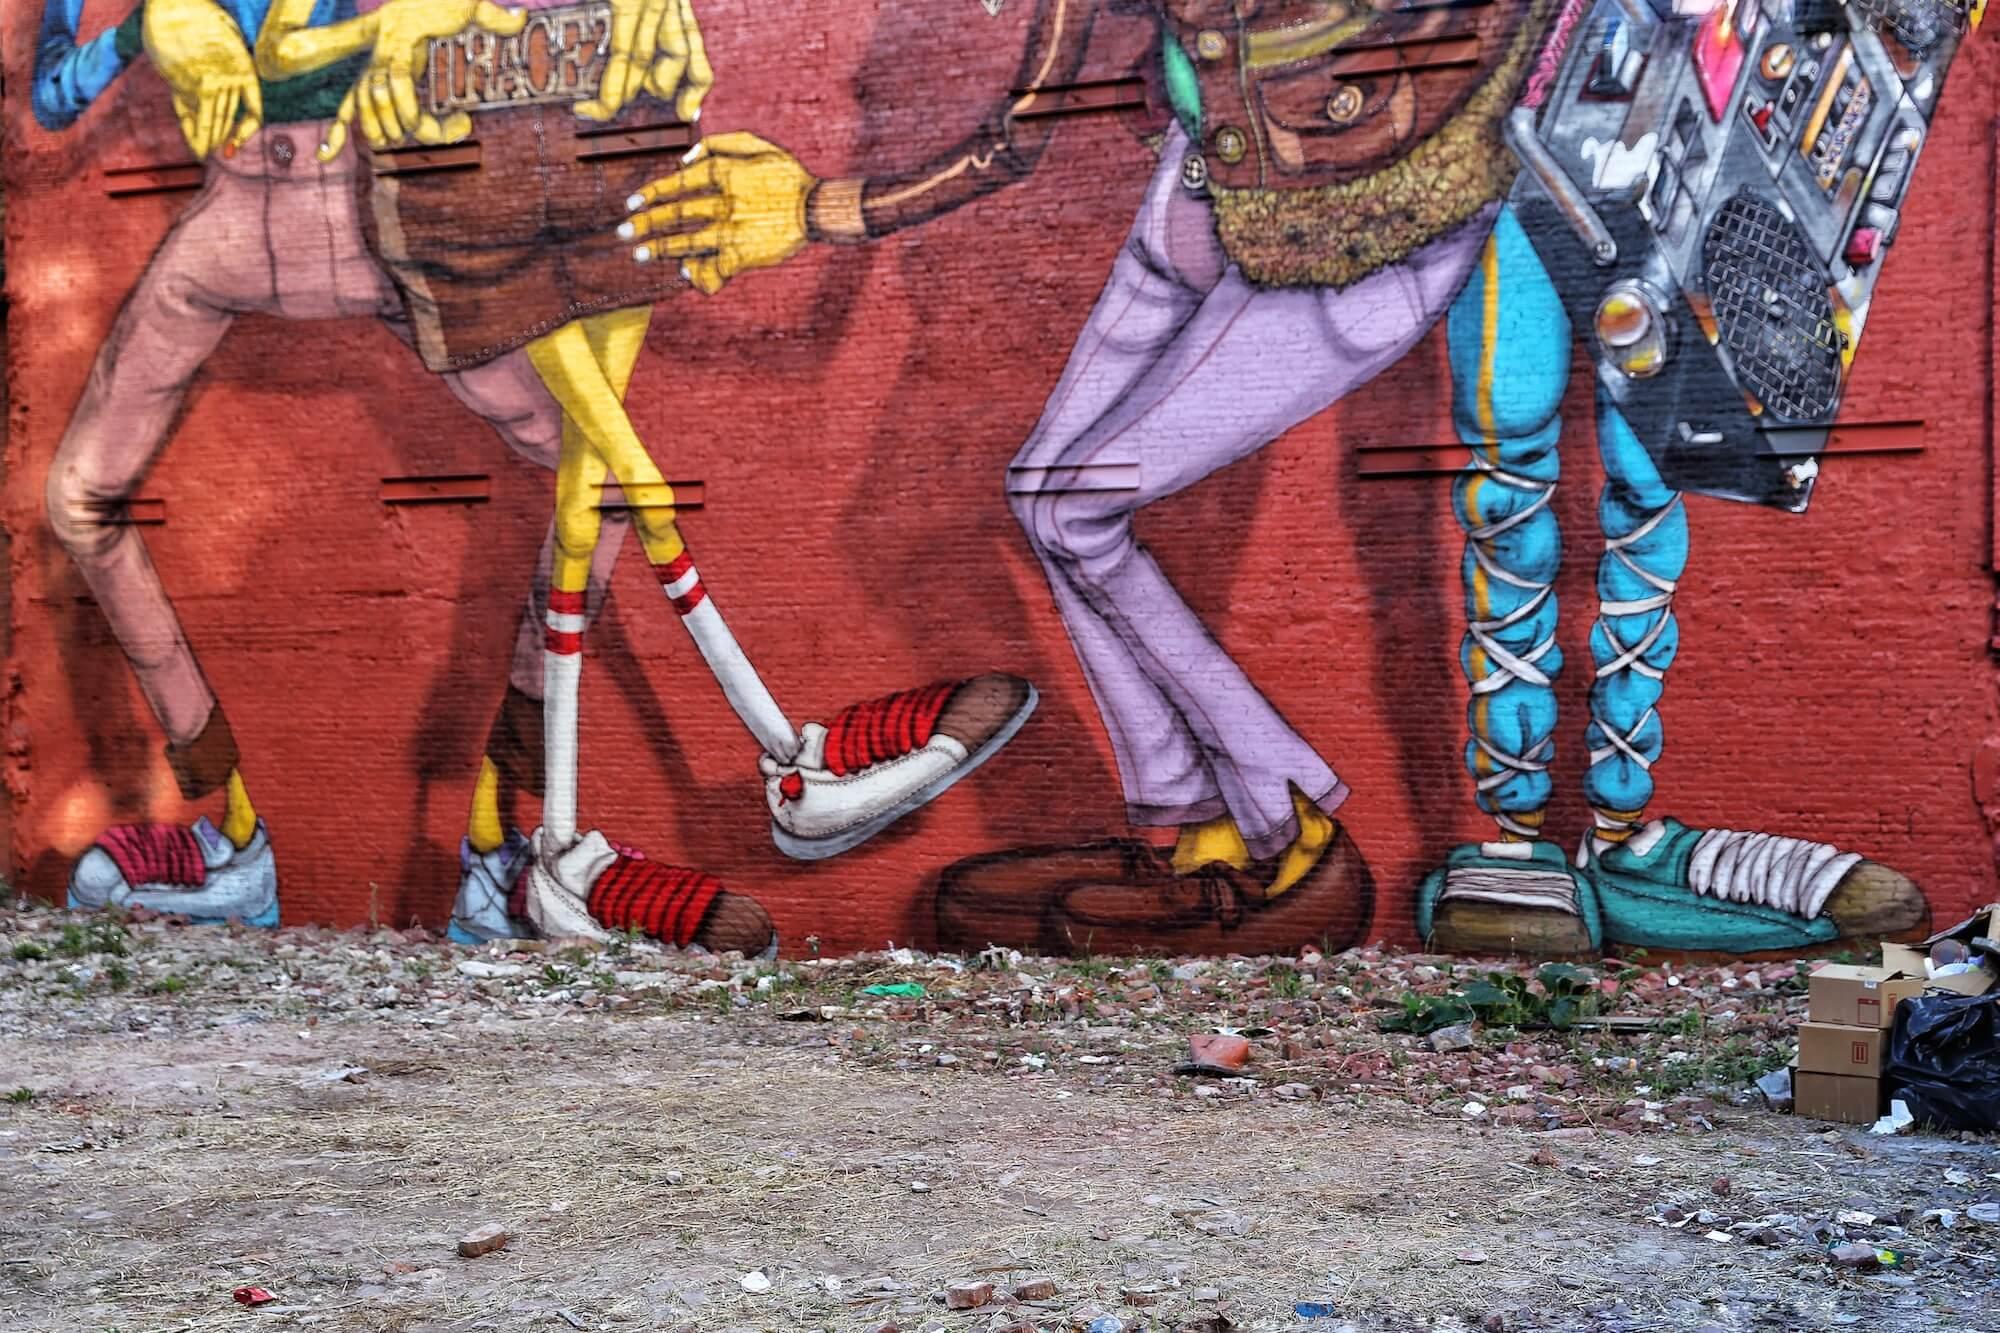 os-gemeos-new-york-graffiti-street-art-hip-hop-martha-cooper-pc-just-a-spectator-8